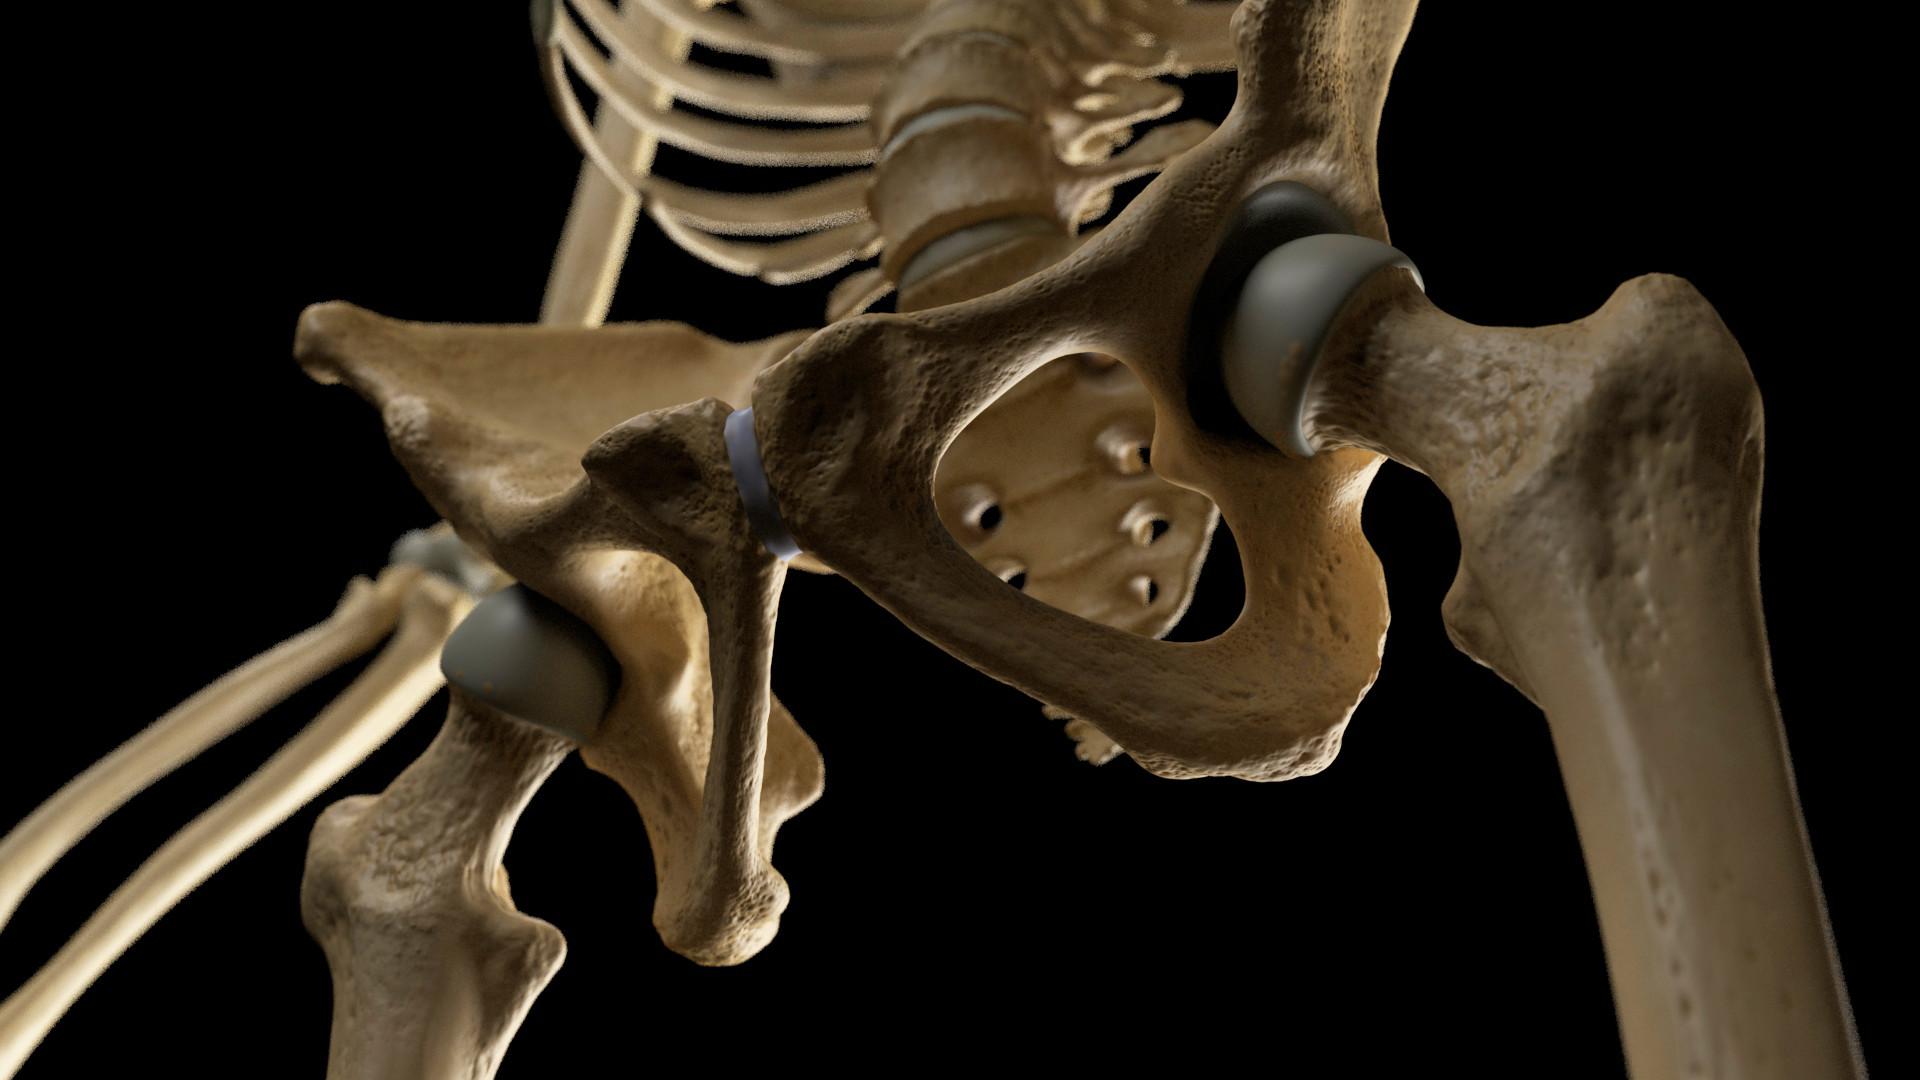 Andrey gritsuk skeleton 2 edit